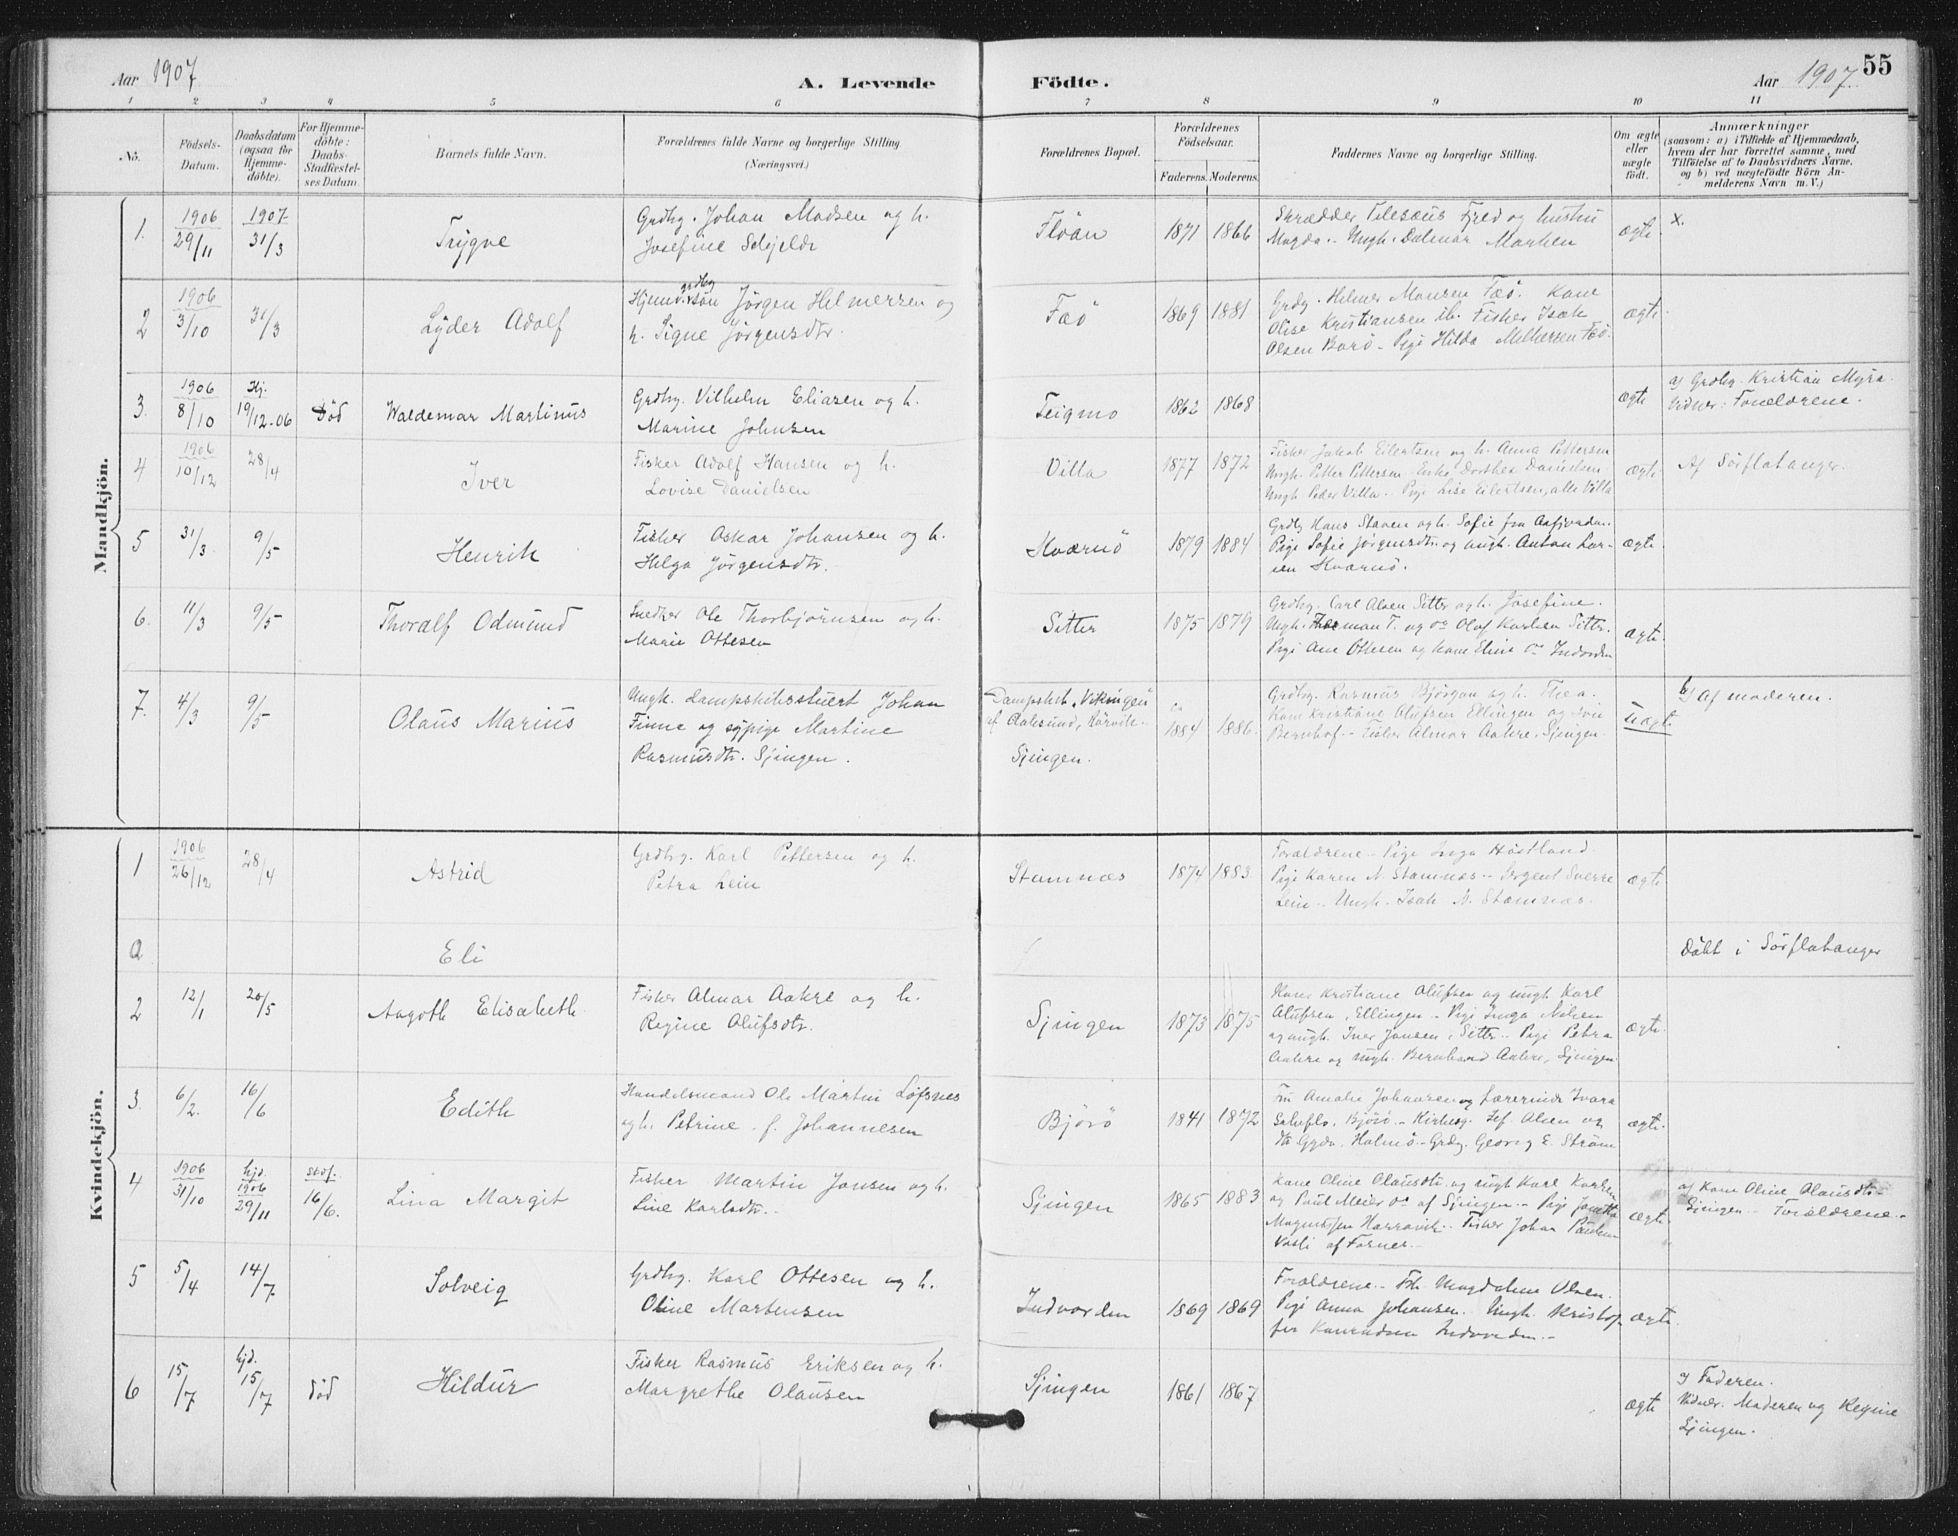 SAT, Ministerialprotokoller, klokkerbøker og fødselsregistre - Nord-Trøndelag, 772/L0603: Ministerialbok nr. 772A01, 1885-1912, s. 55